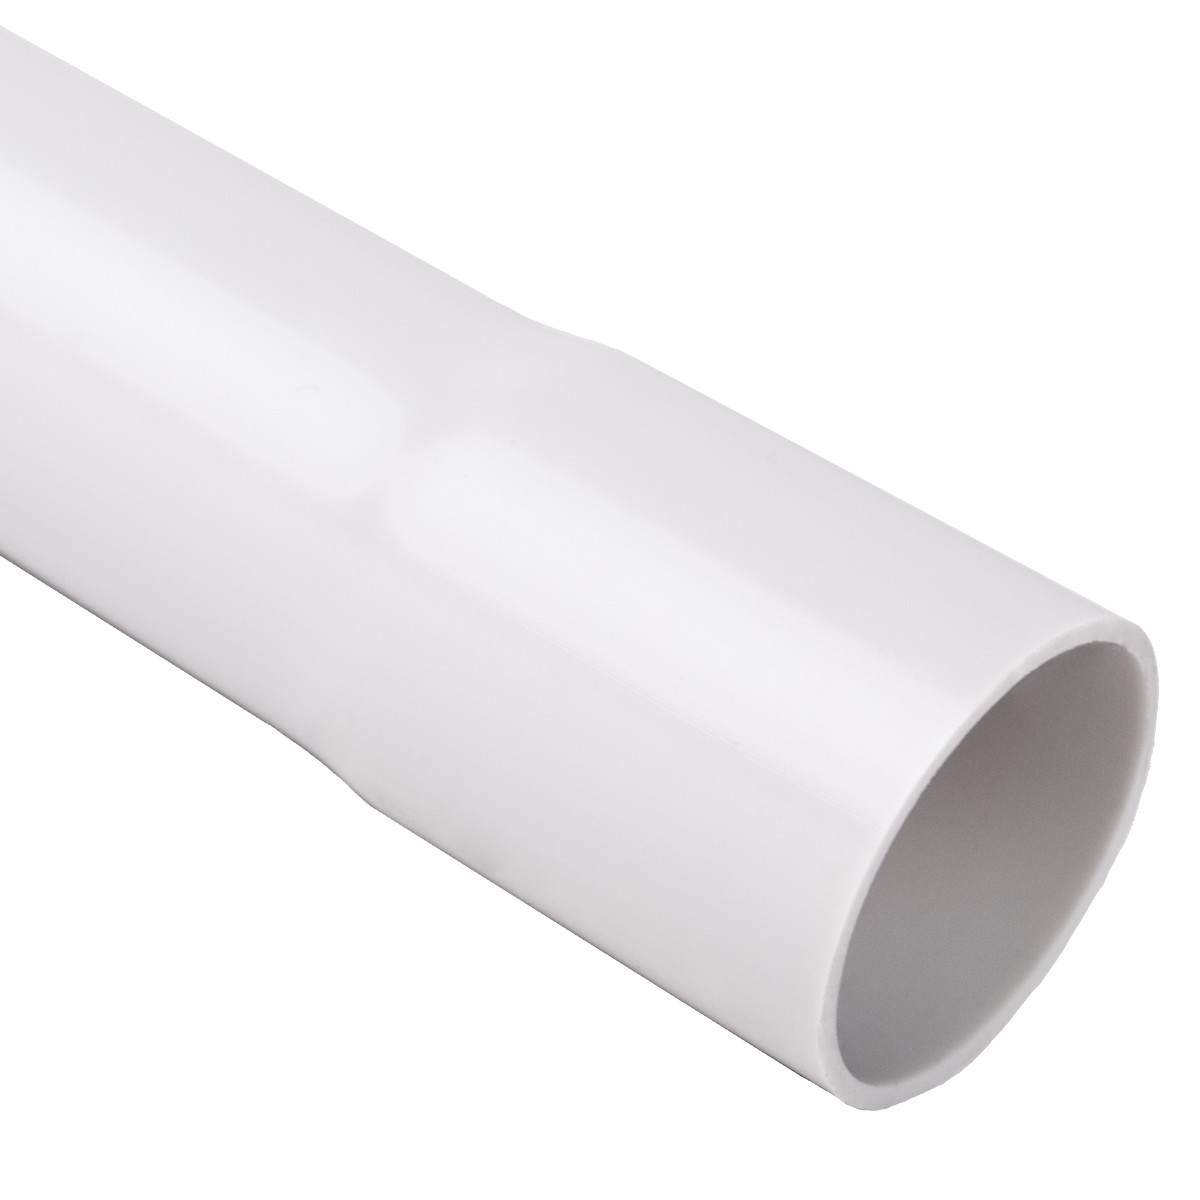 Труба жорстка 320 N/5см з раструбом для з'єднання; Ø20мм; полікарбонат; безгалогенна; t застосування -45-90 °с; світло-сіра; Упаковка 30 шт